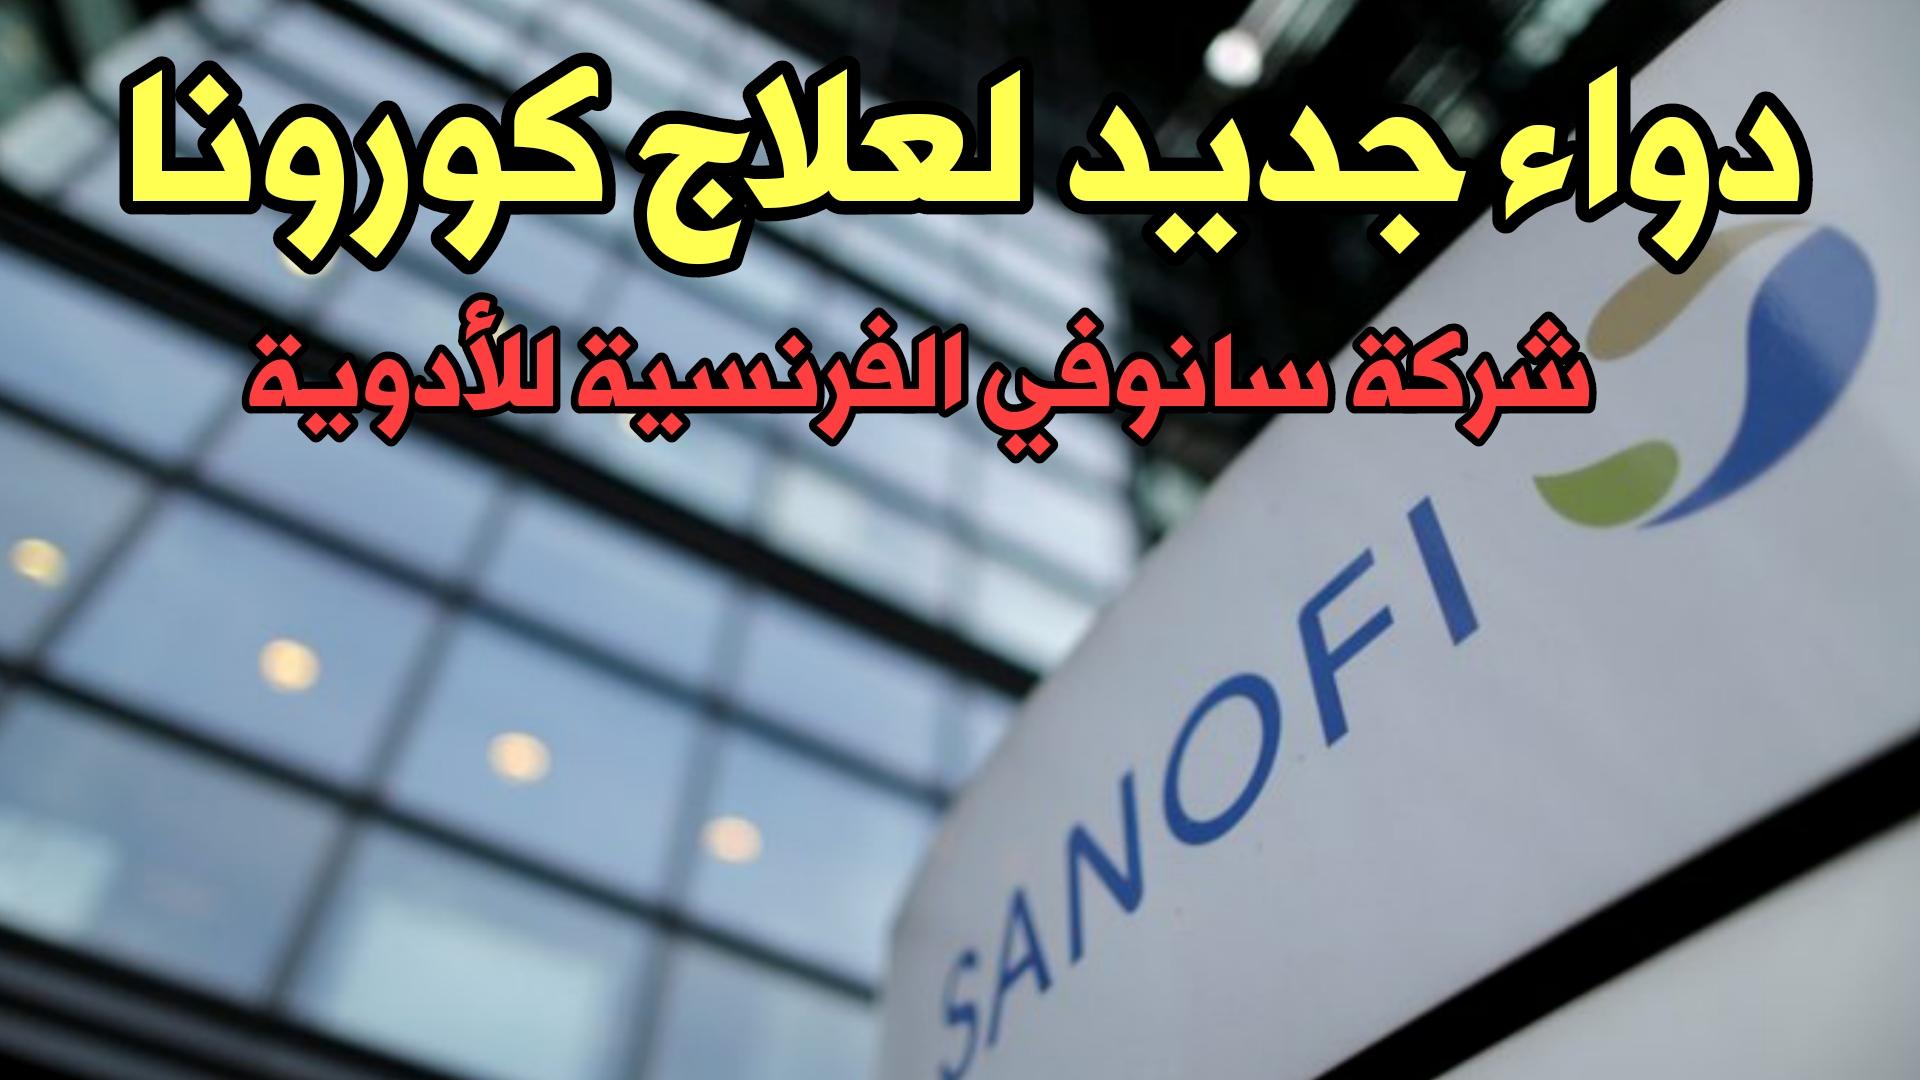 شركة سانوفي الفرنسية تعلن عن دواء لعلاج مرضى فايروس كورونا المستجد